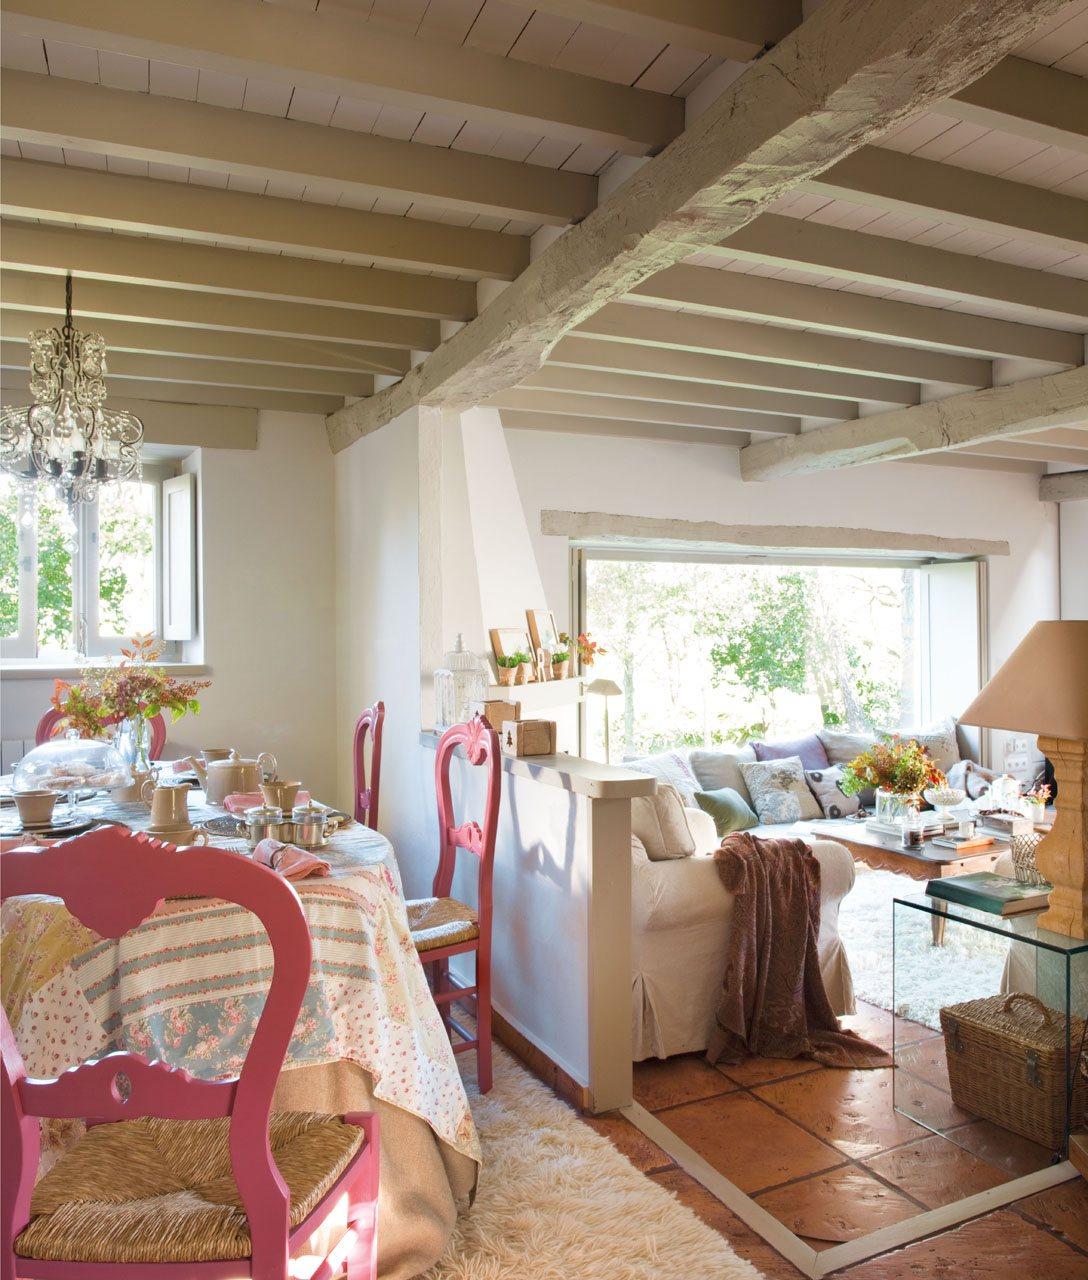 Comedor con sillas color rosa. Salón comedor